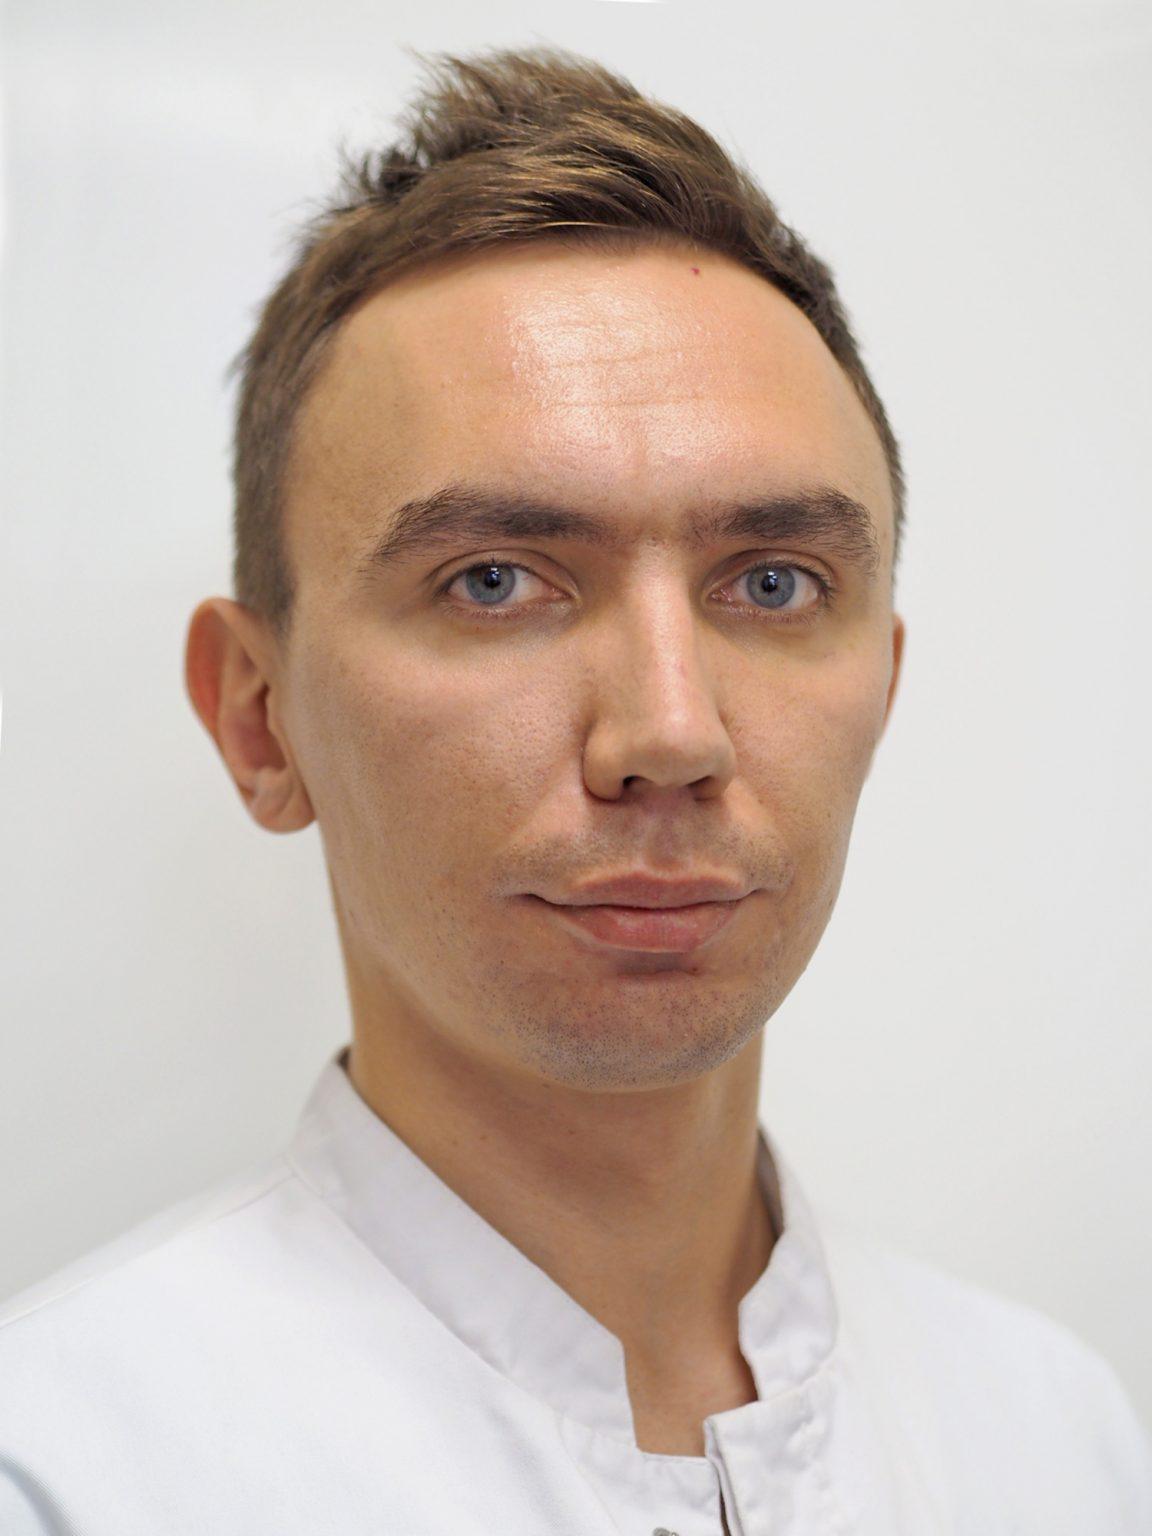 Варфаломеев Станислав Игоревич